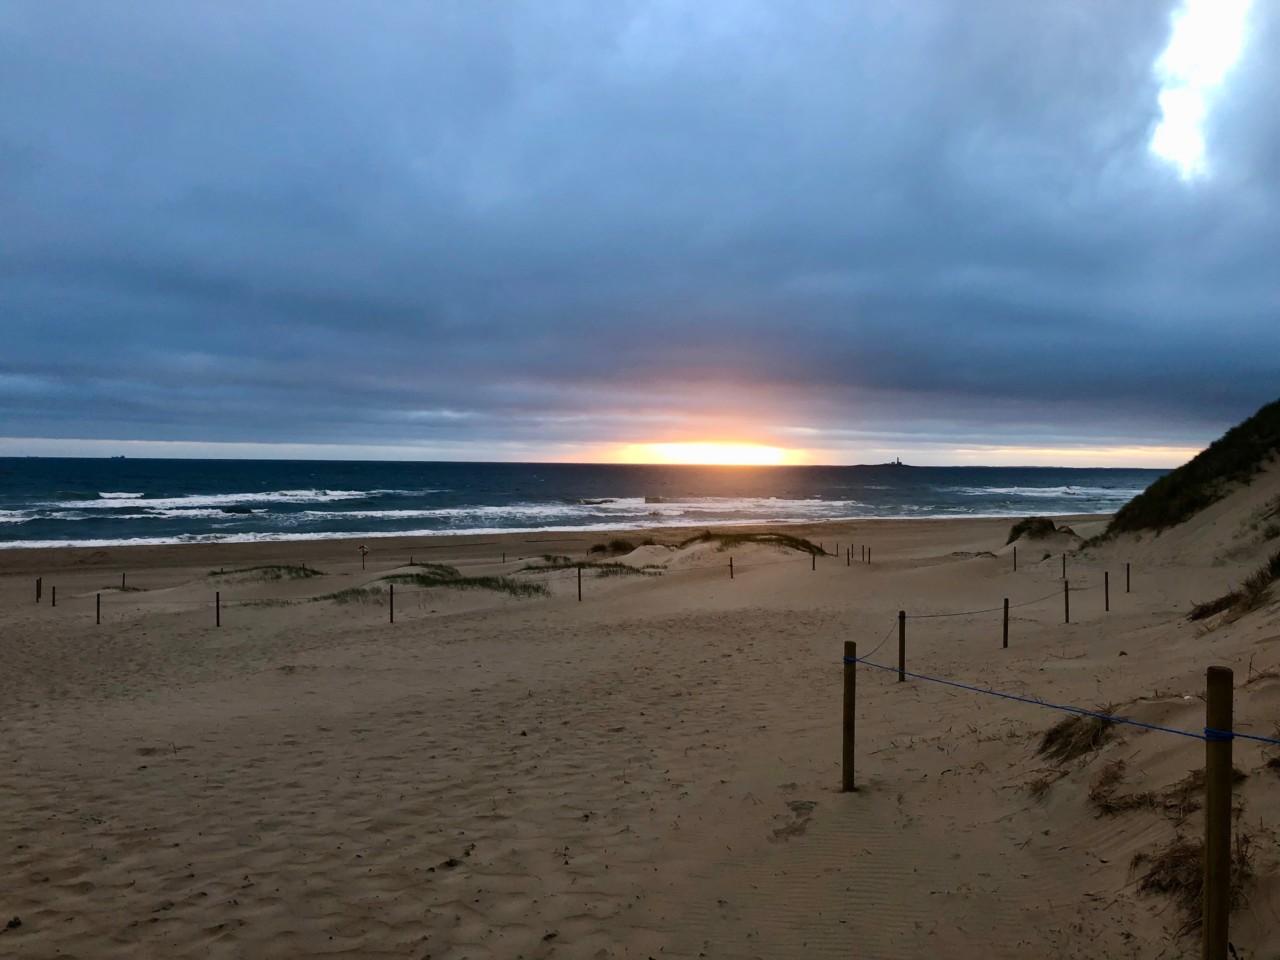 solnedgang-borestranda-jaeren-stavanger-surfestrand